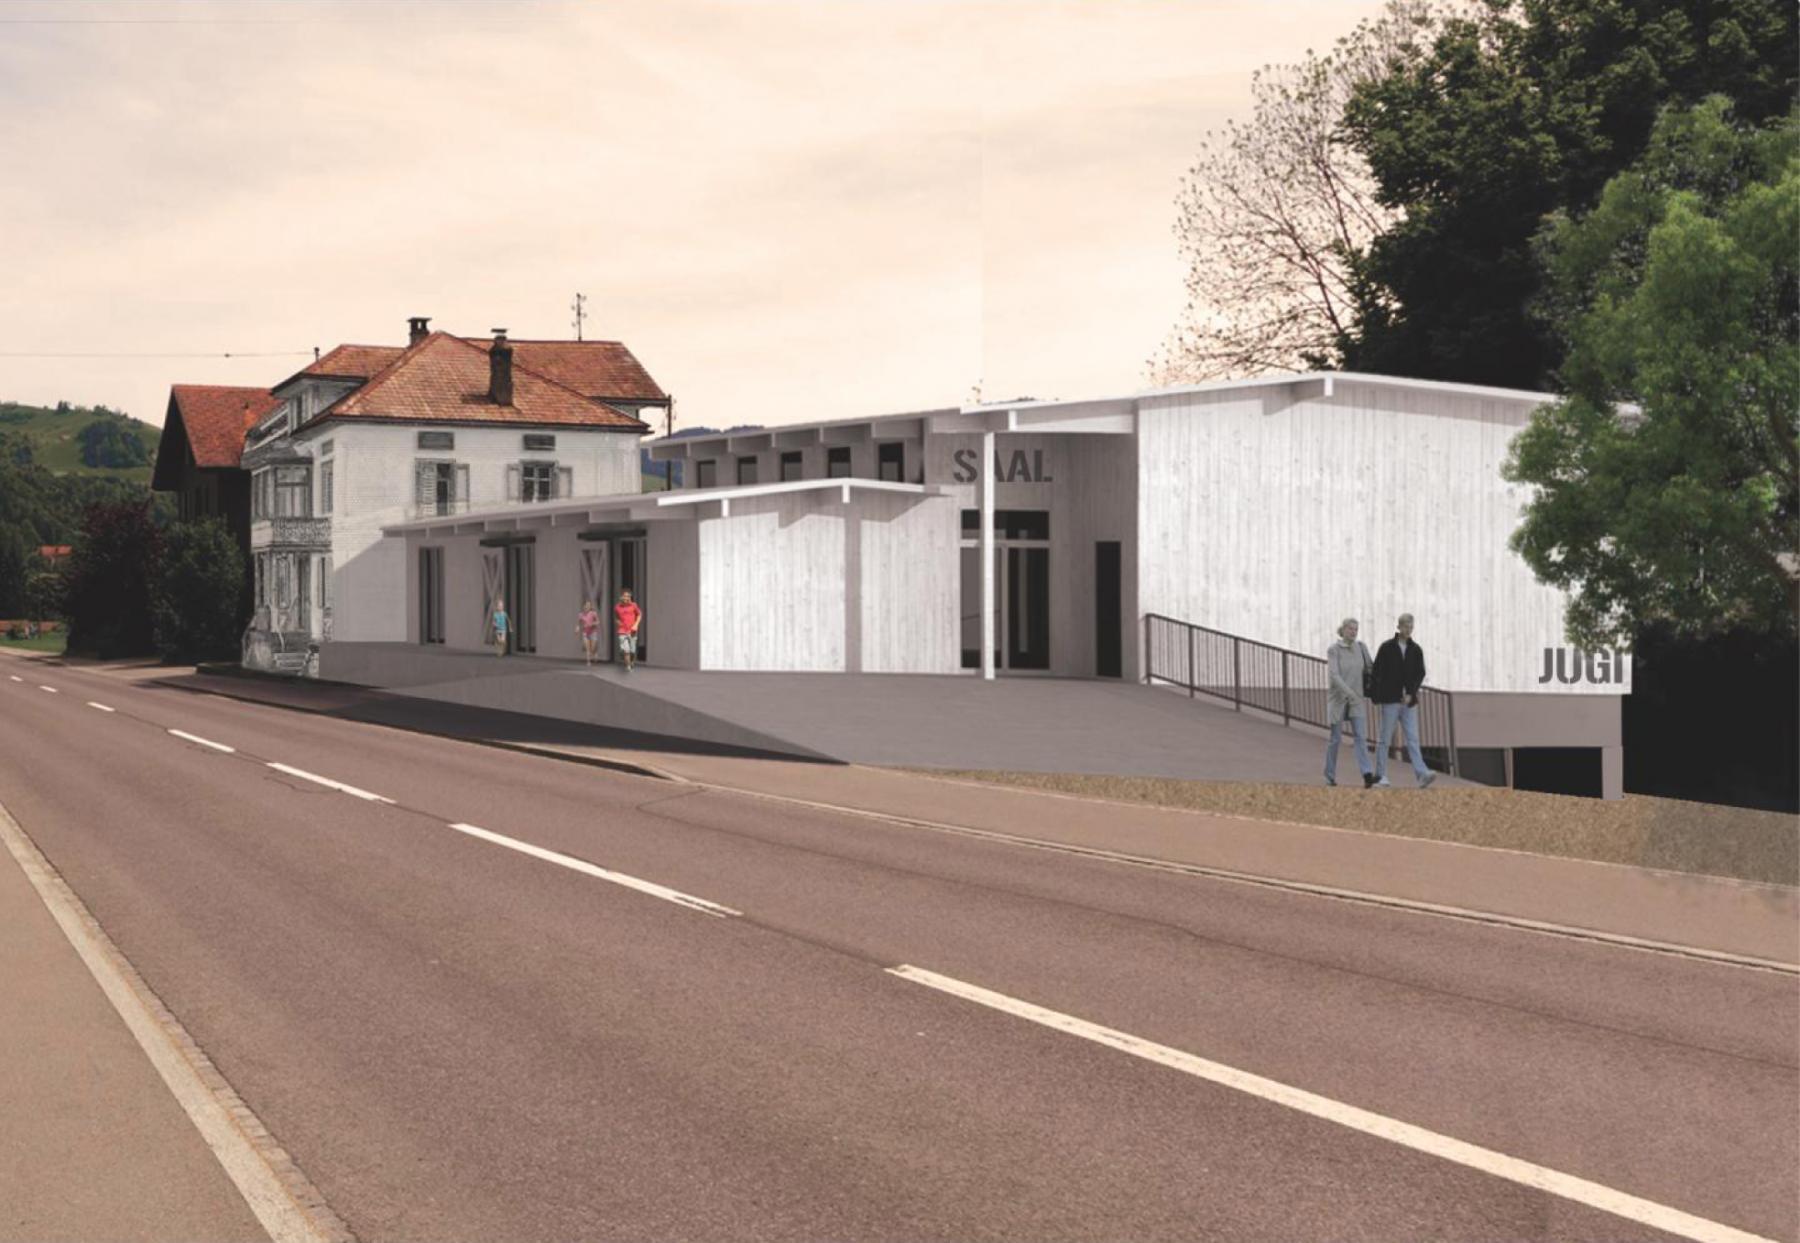 Altes Bahnhöfli - Kinderkrippe und Treffpunkt, Oberägeri, ARGE Kaden Architekten   Junod Epper Bauagentur, CARGO